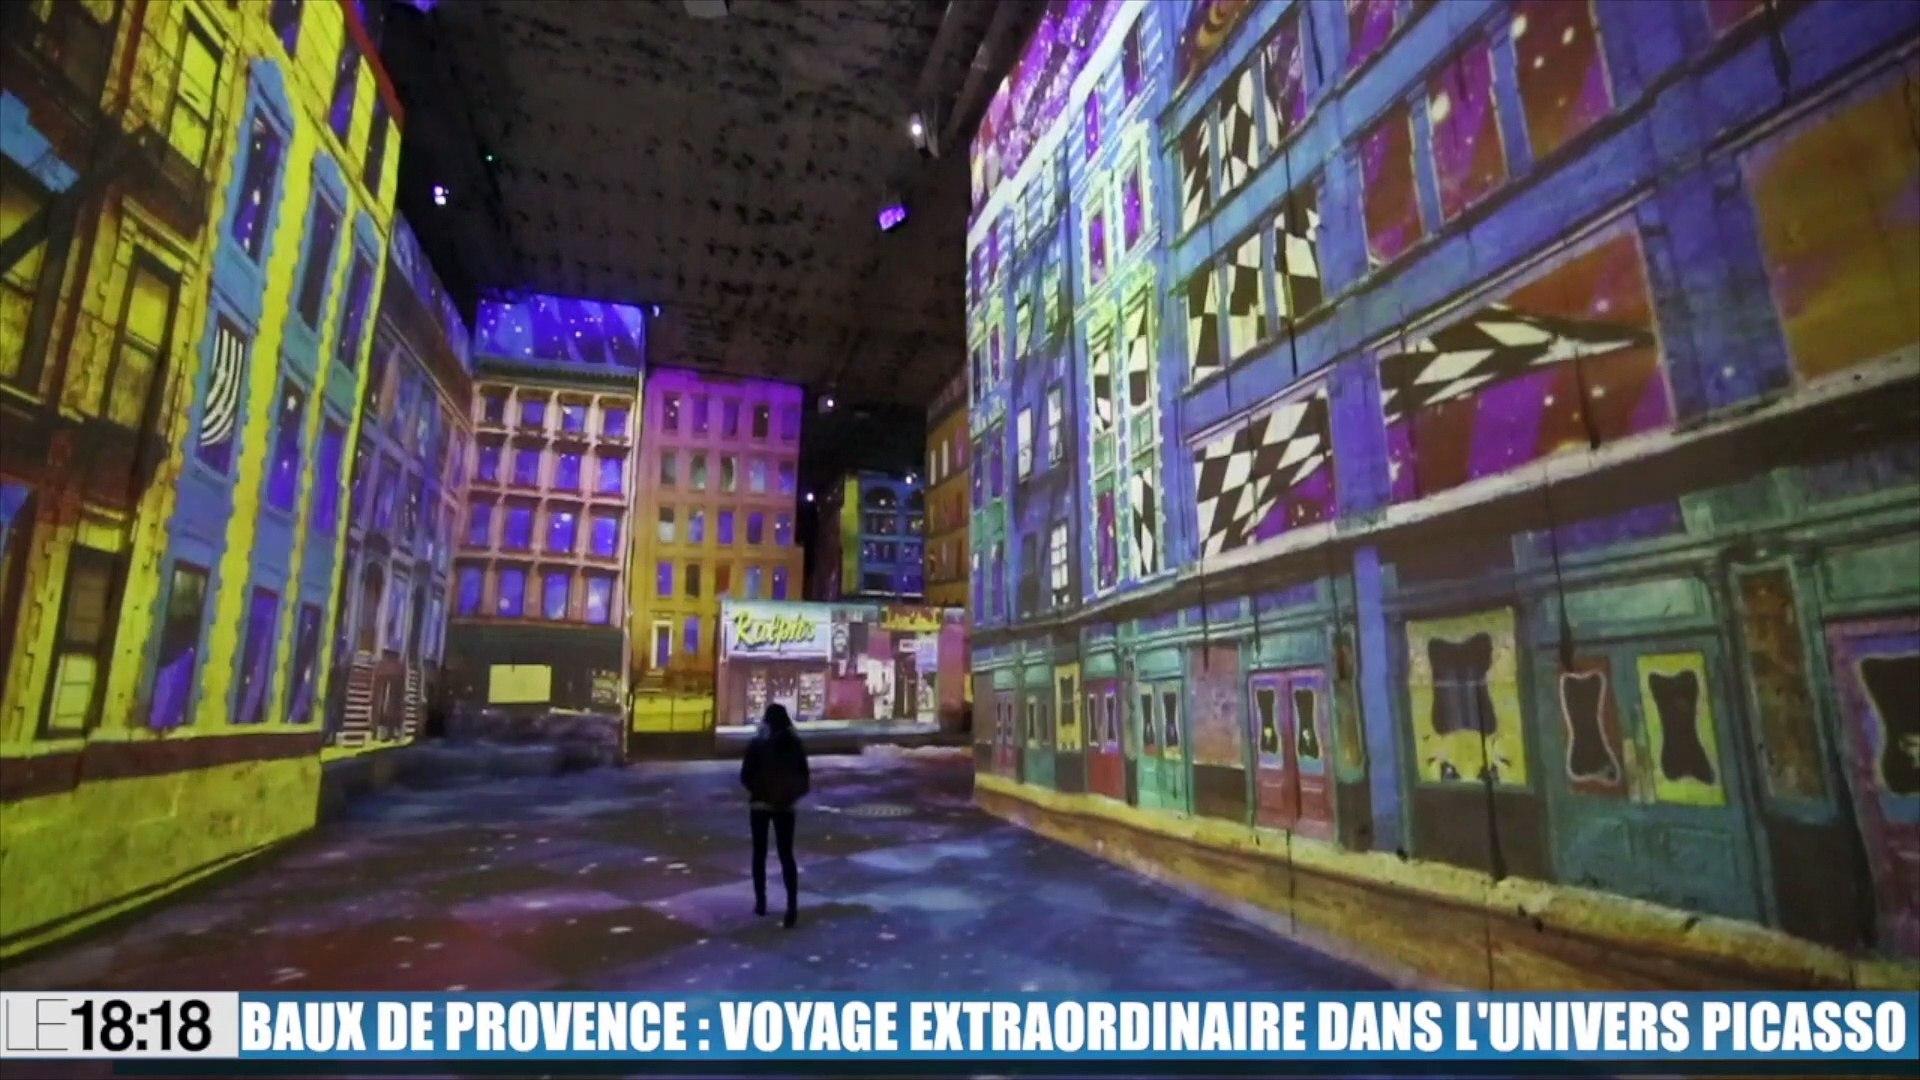 Le 18 18 Embarquez Pour Un Voyage Magique Dans L Univers Picasso Dans Les Carrieres De Lumieres Aux Baux De Provence Video Dailymotion